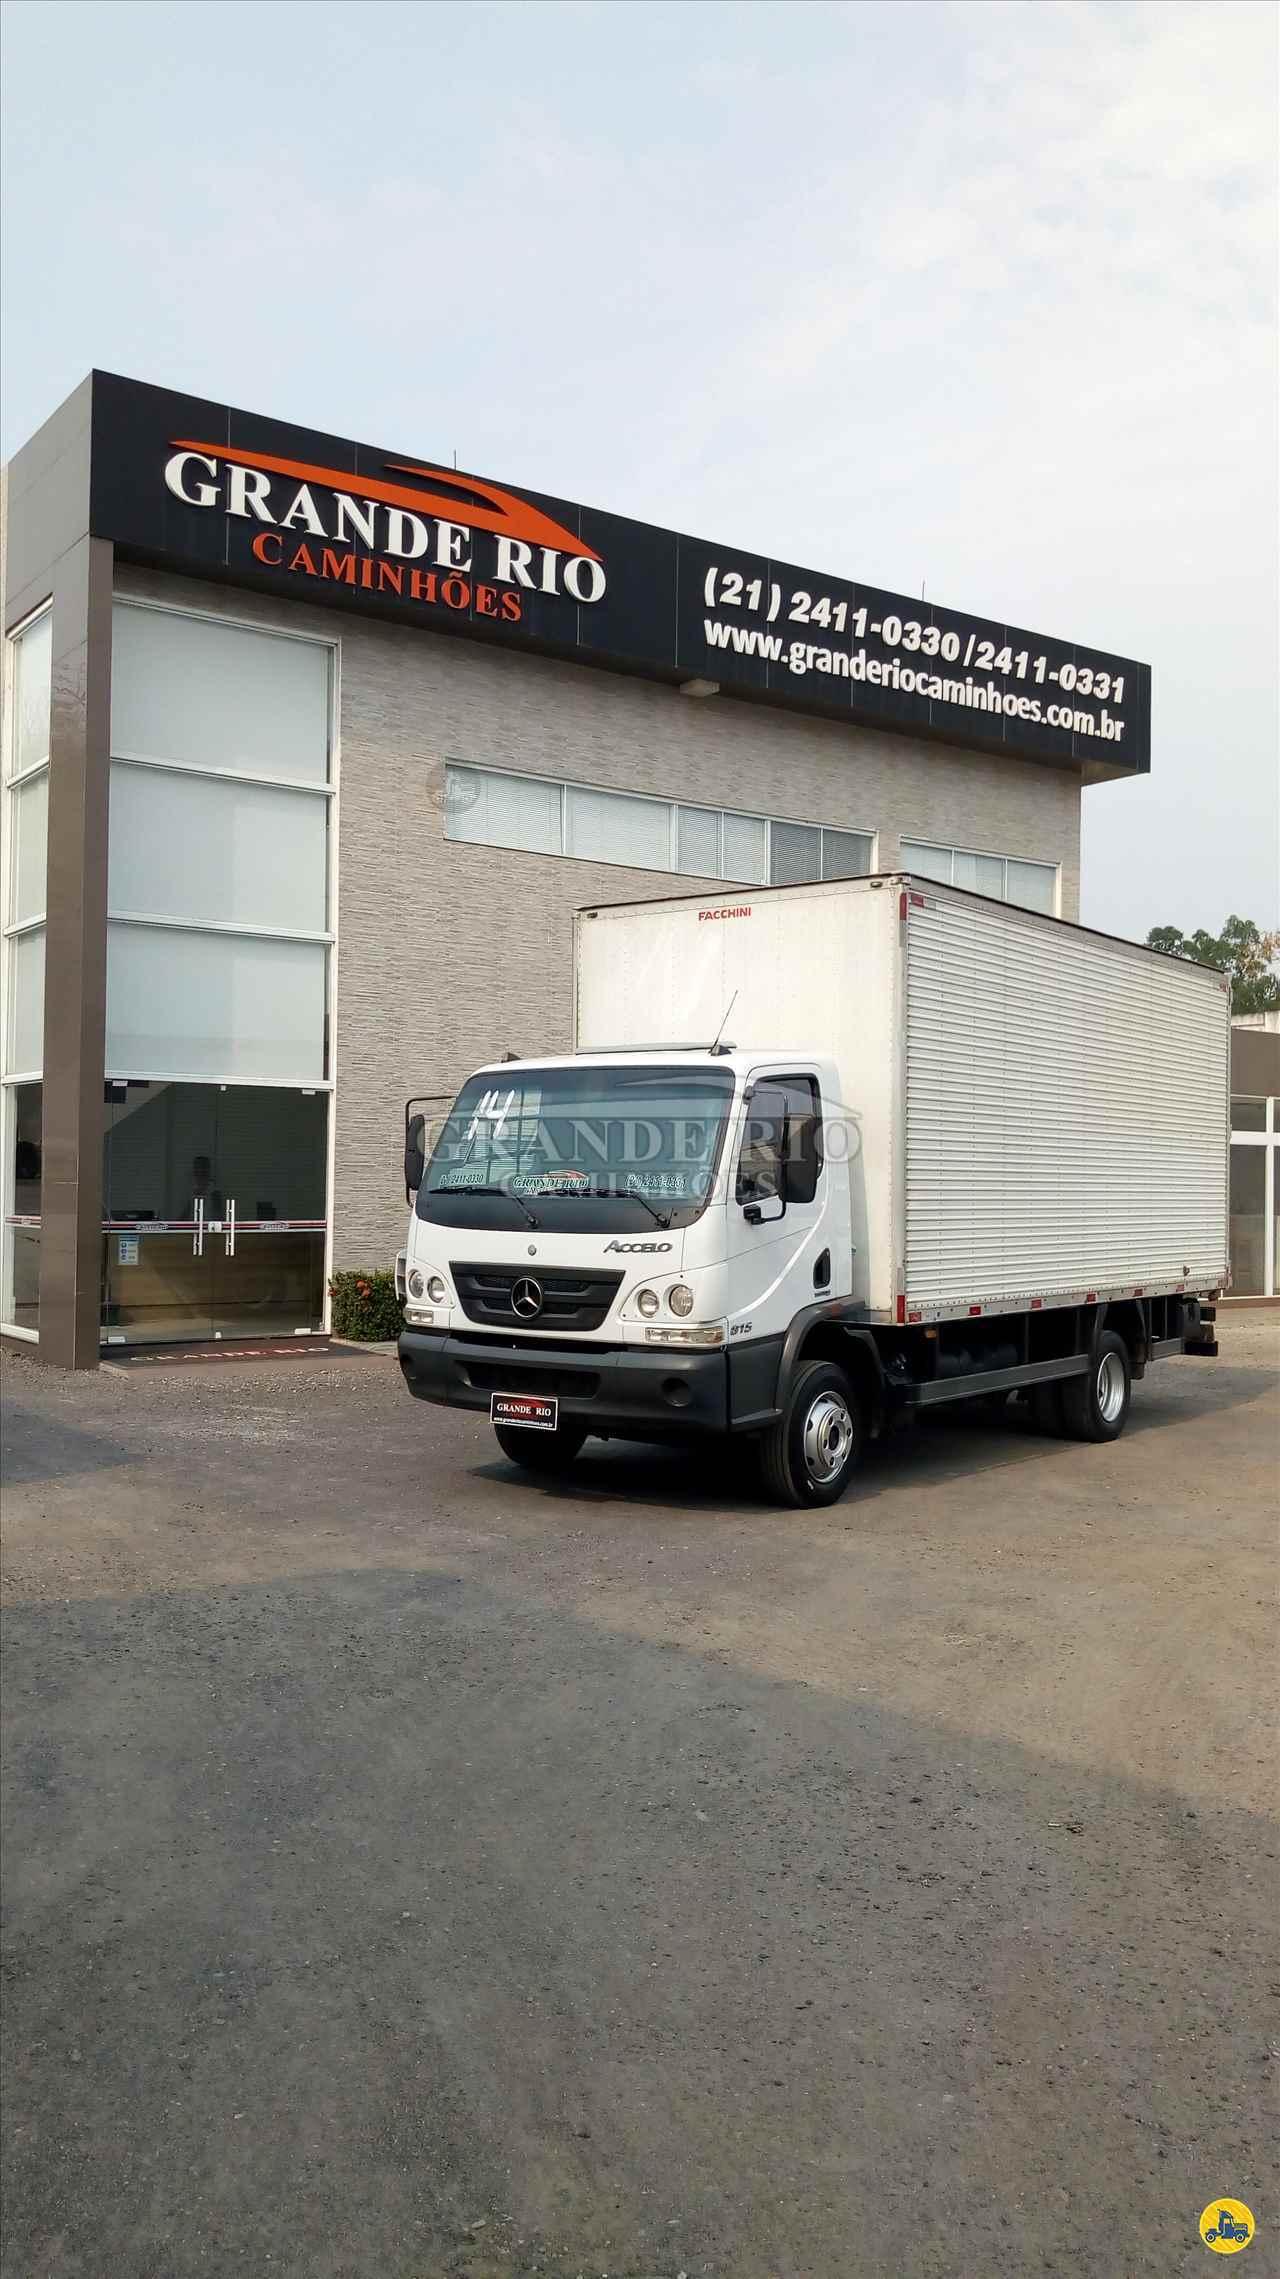 MB 815 de Grande Rio Caminhões - RIO DE JANEIRO/RJ